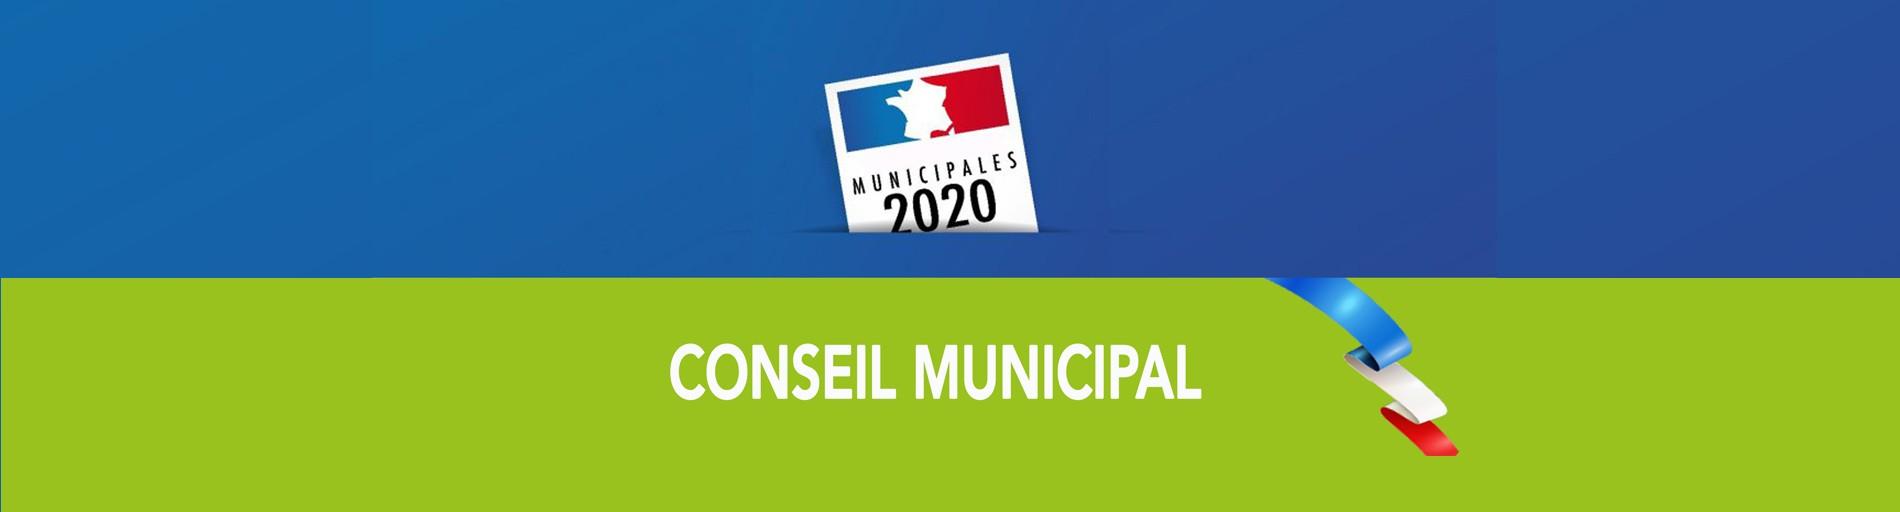 Le nouveau conseil municipal a été installé